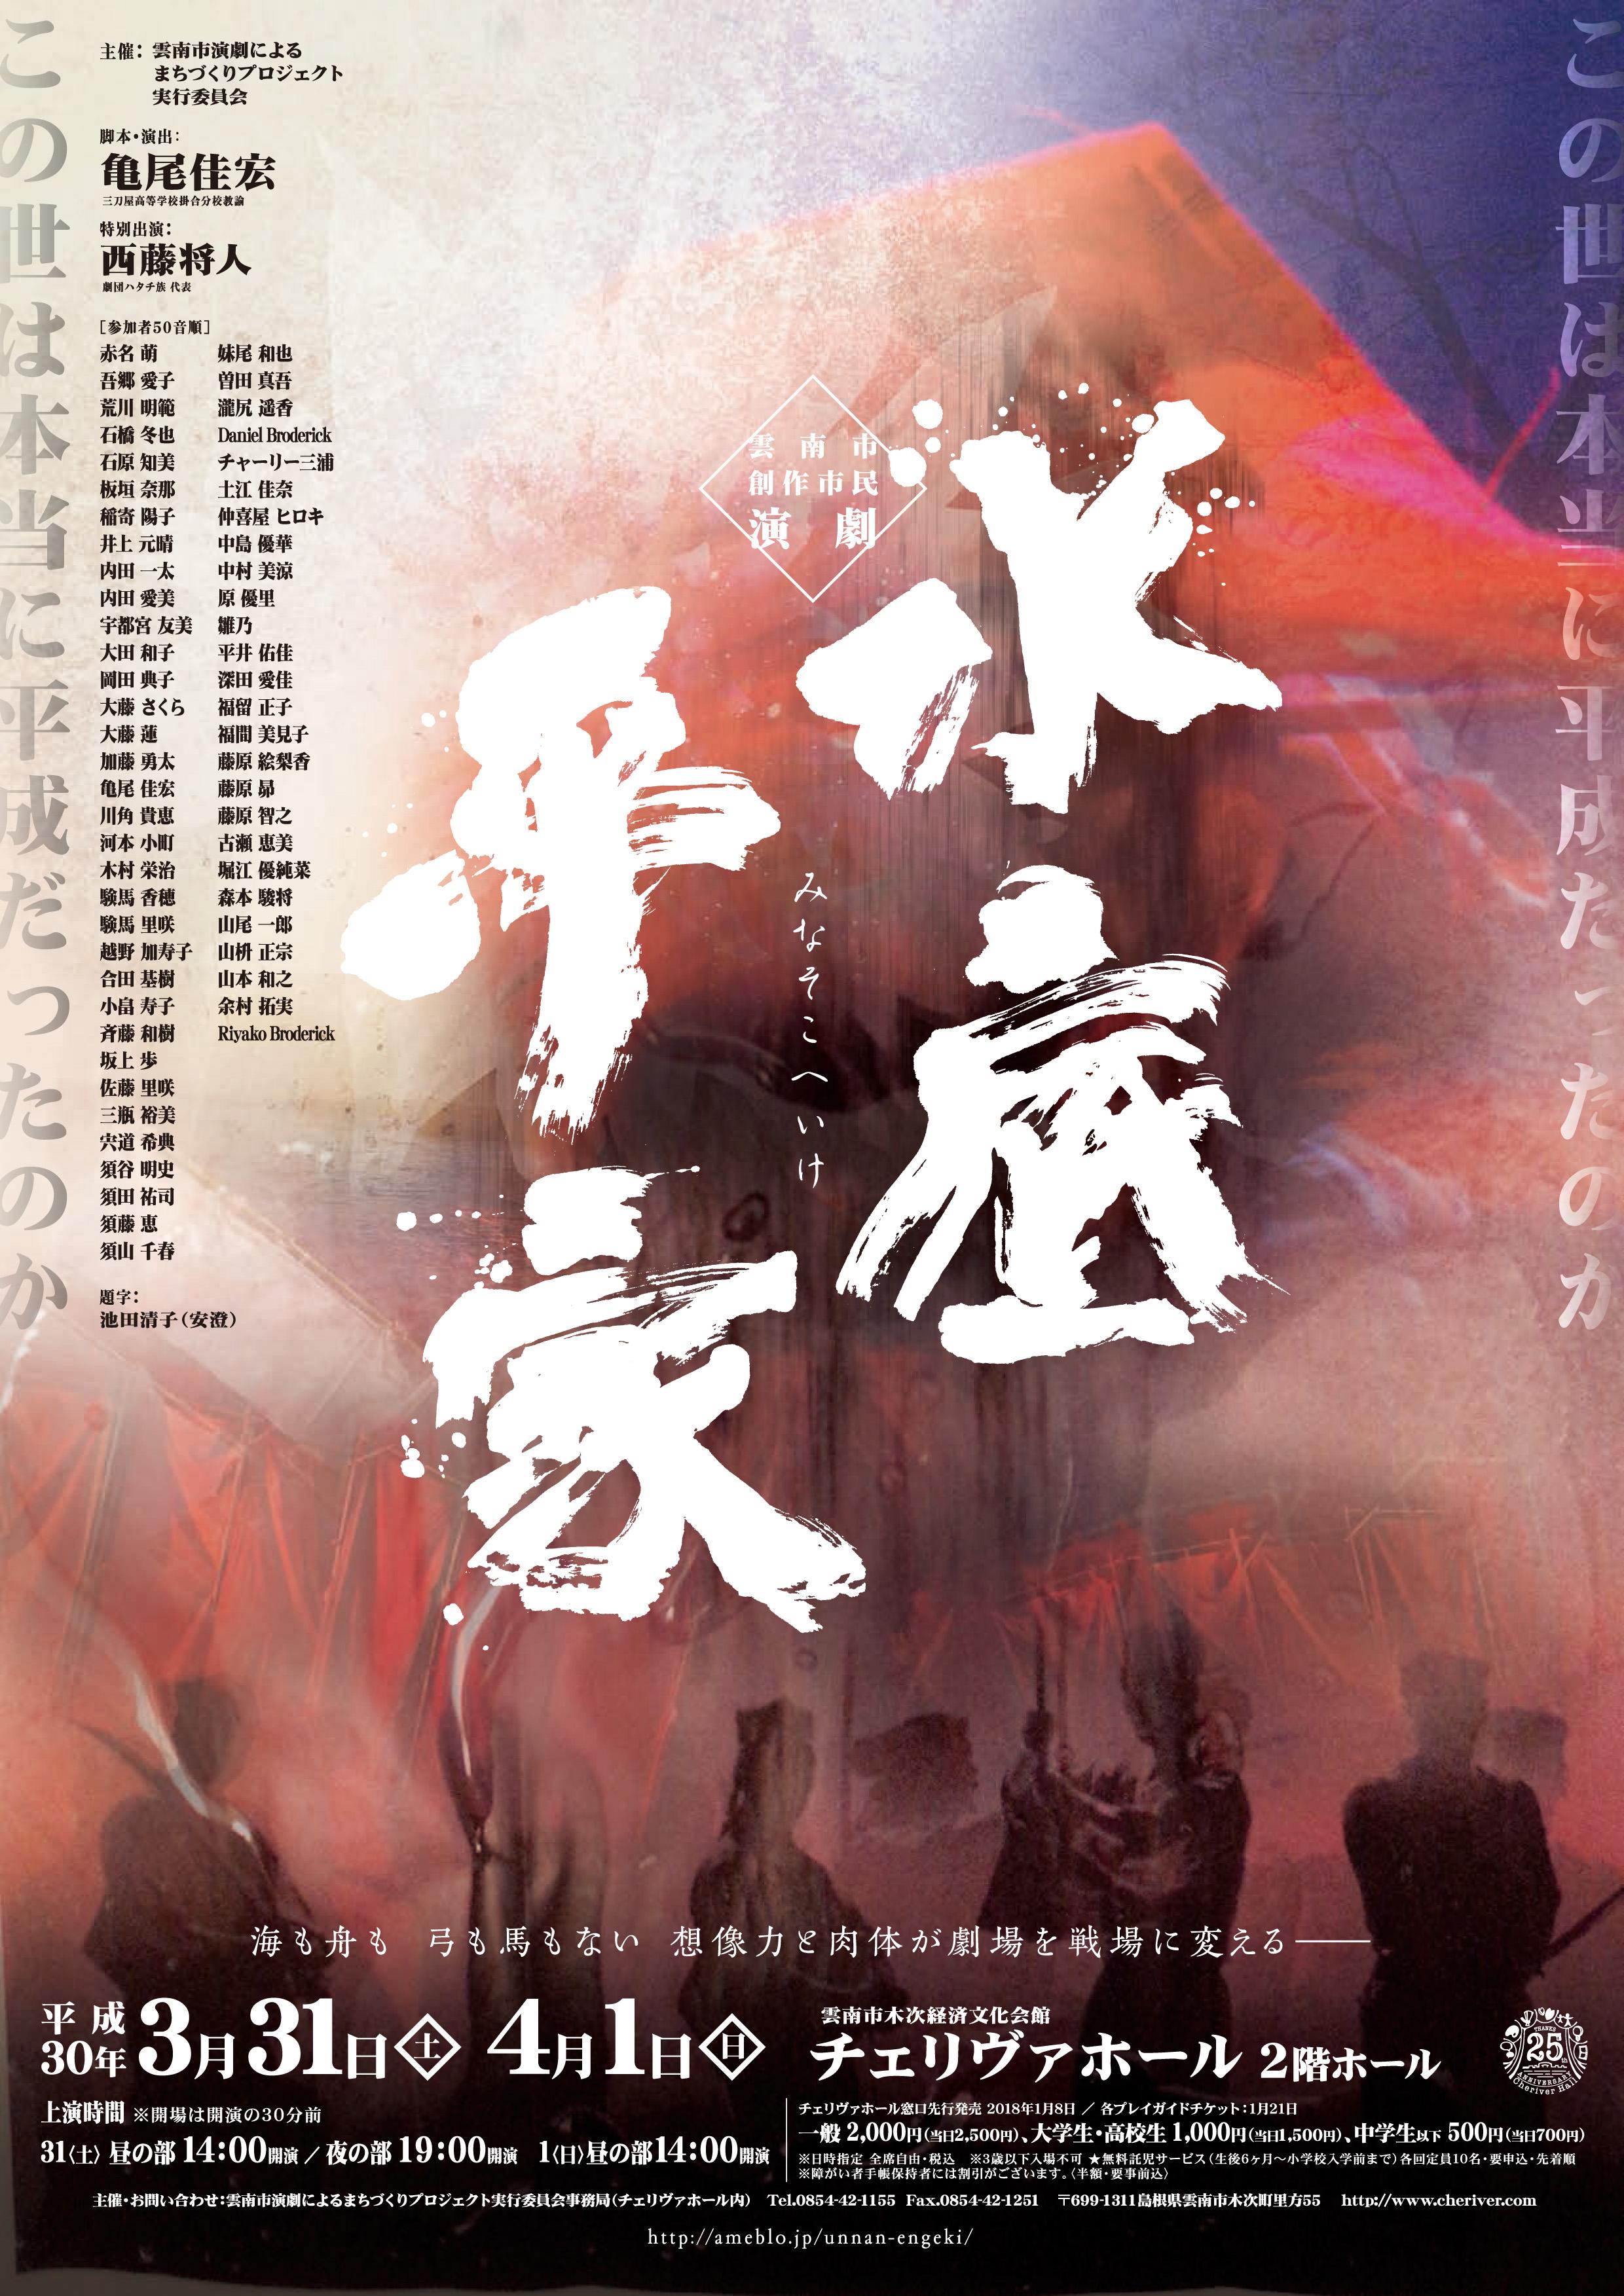 雲南市創作市民演劇第8弾「水底平家 みなそこへいけ」